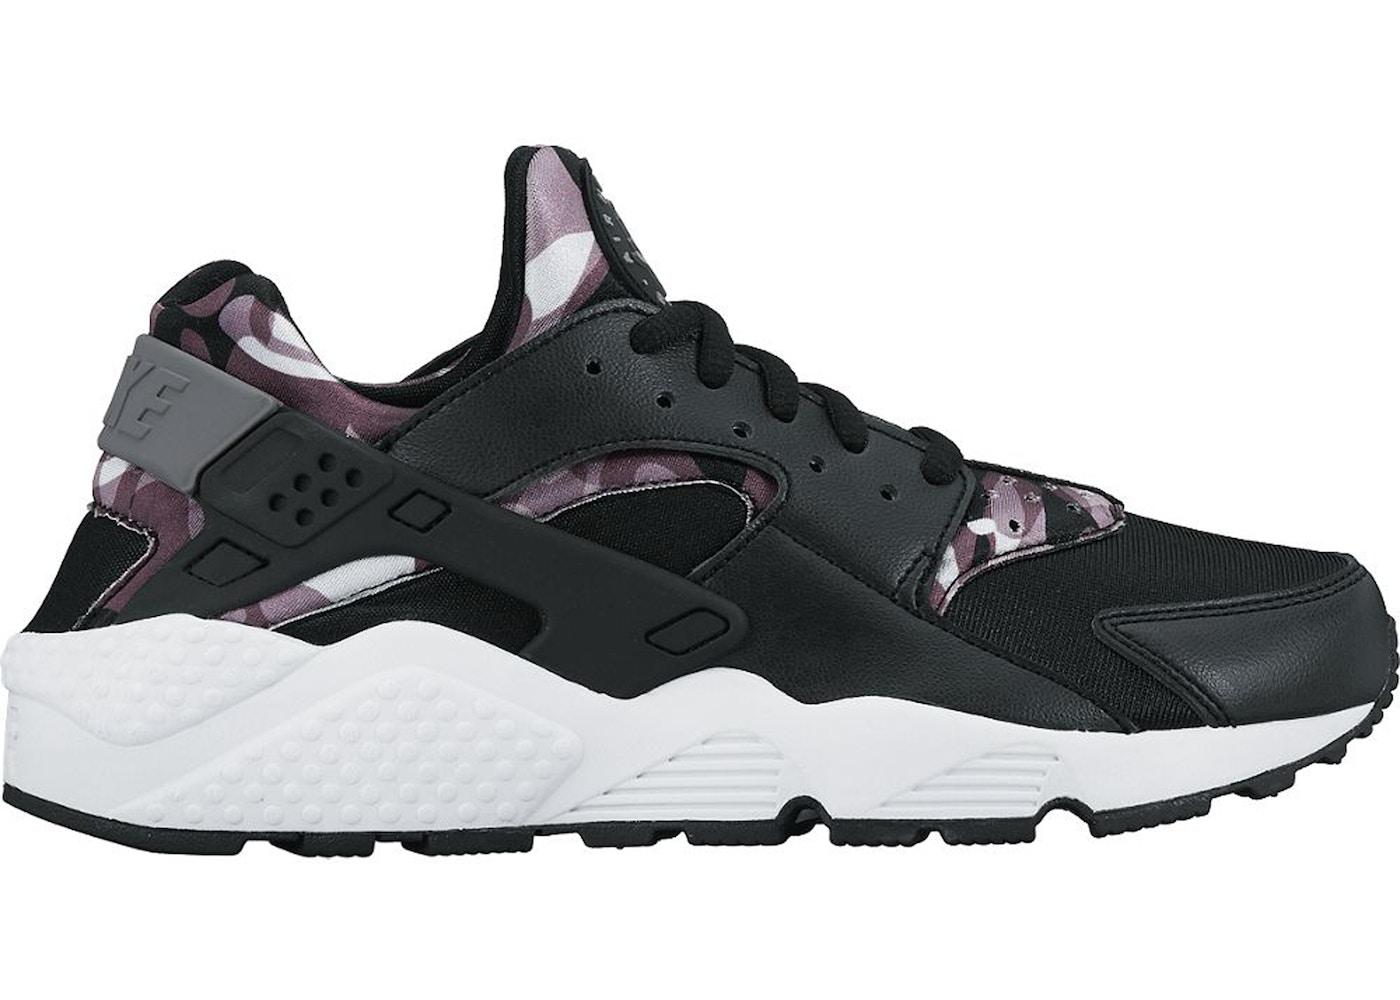 Chirrido Tom Audreath aleatorio  Nike Air Huarache Run Print Camo Black (W) - 725076-003